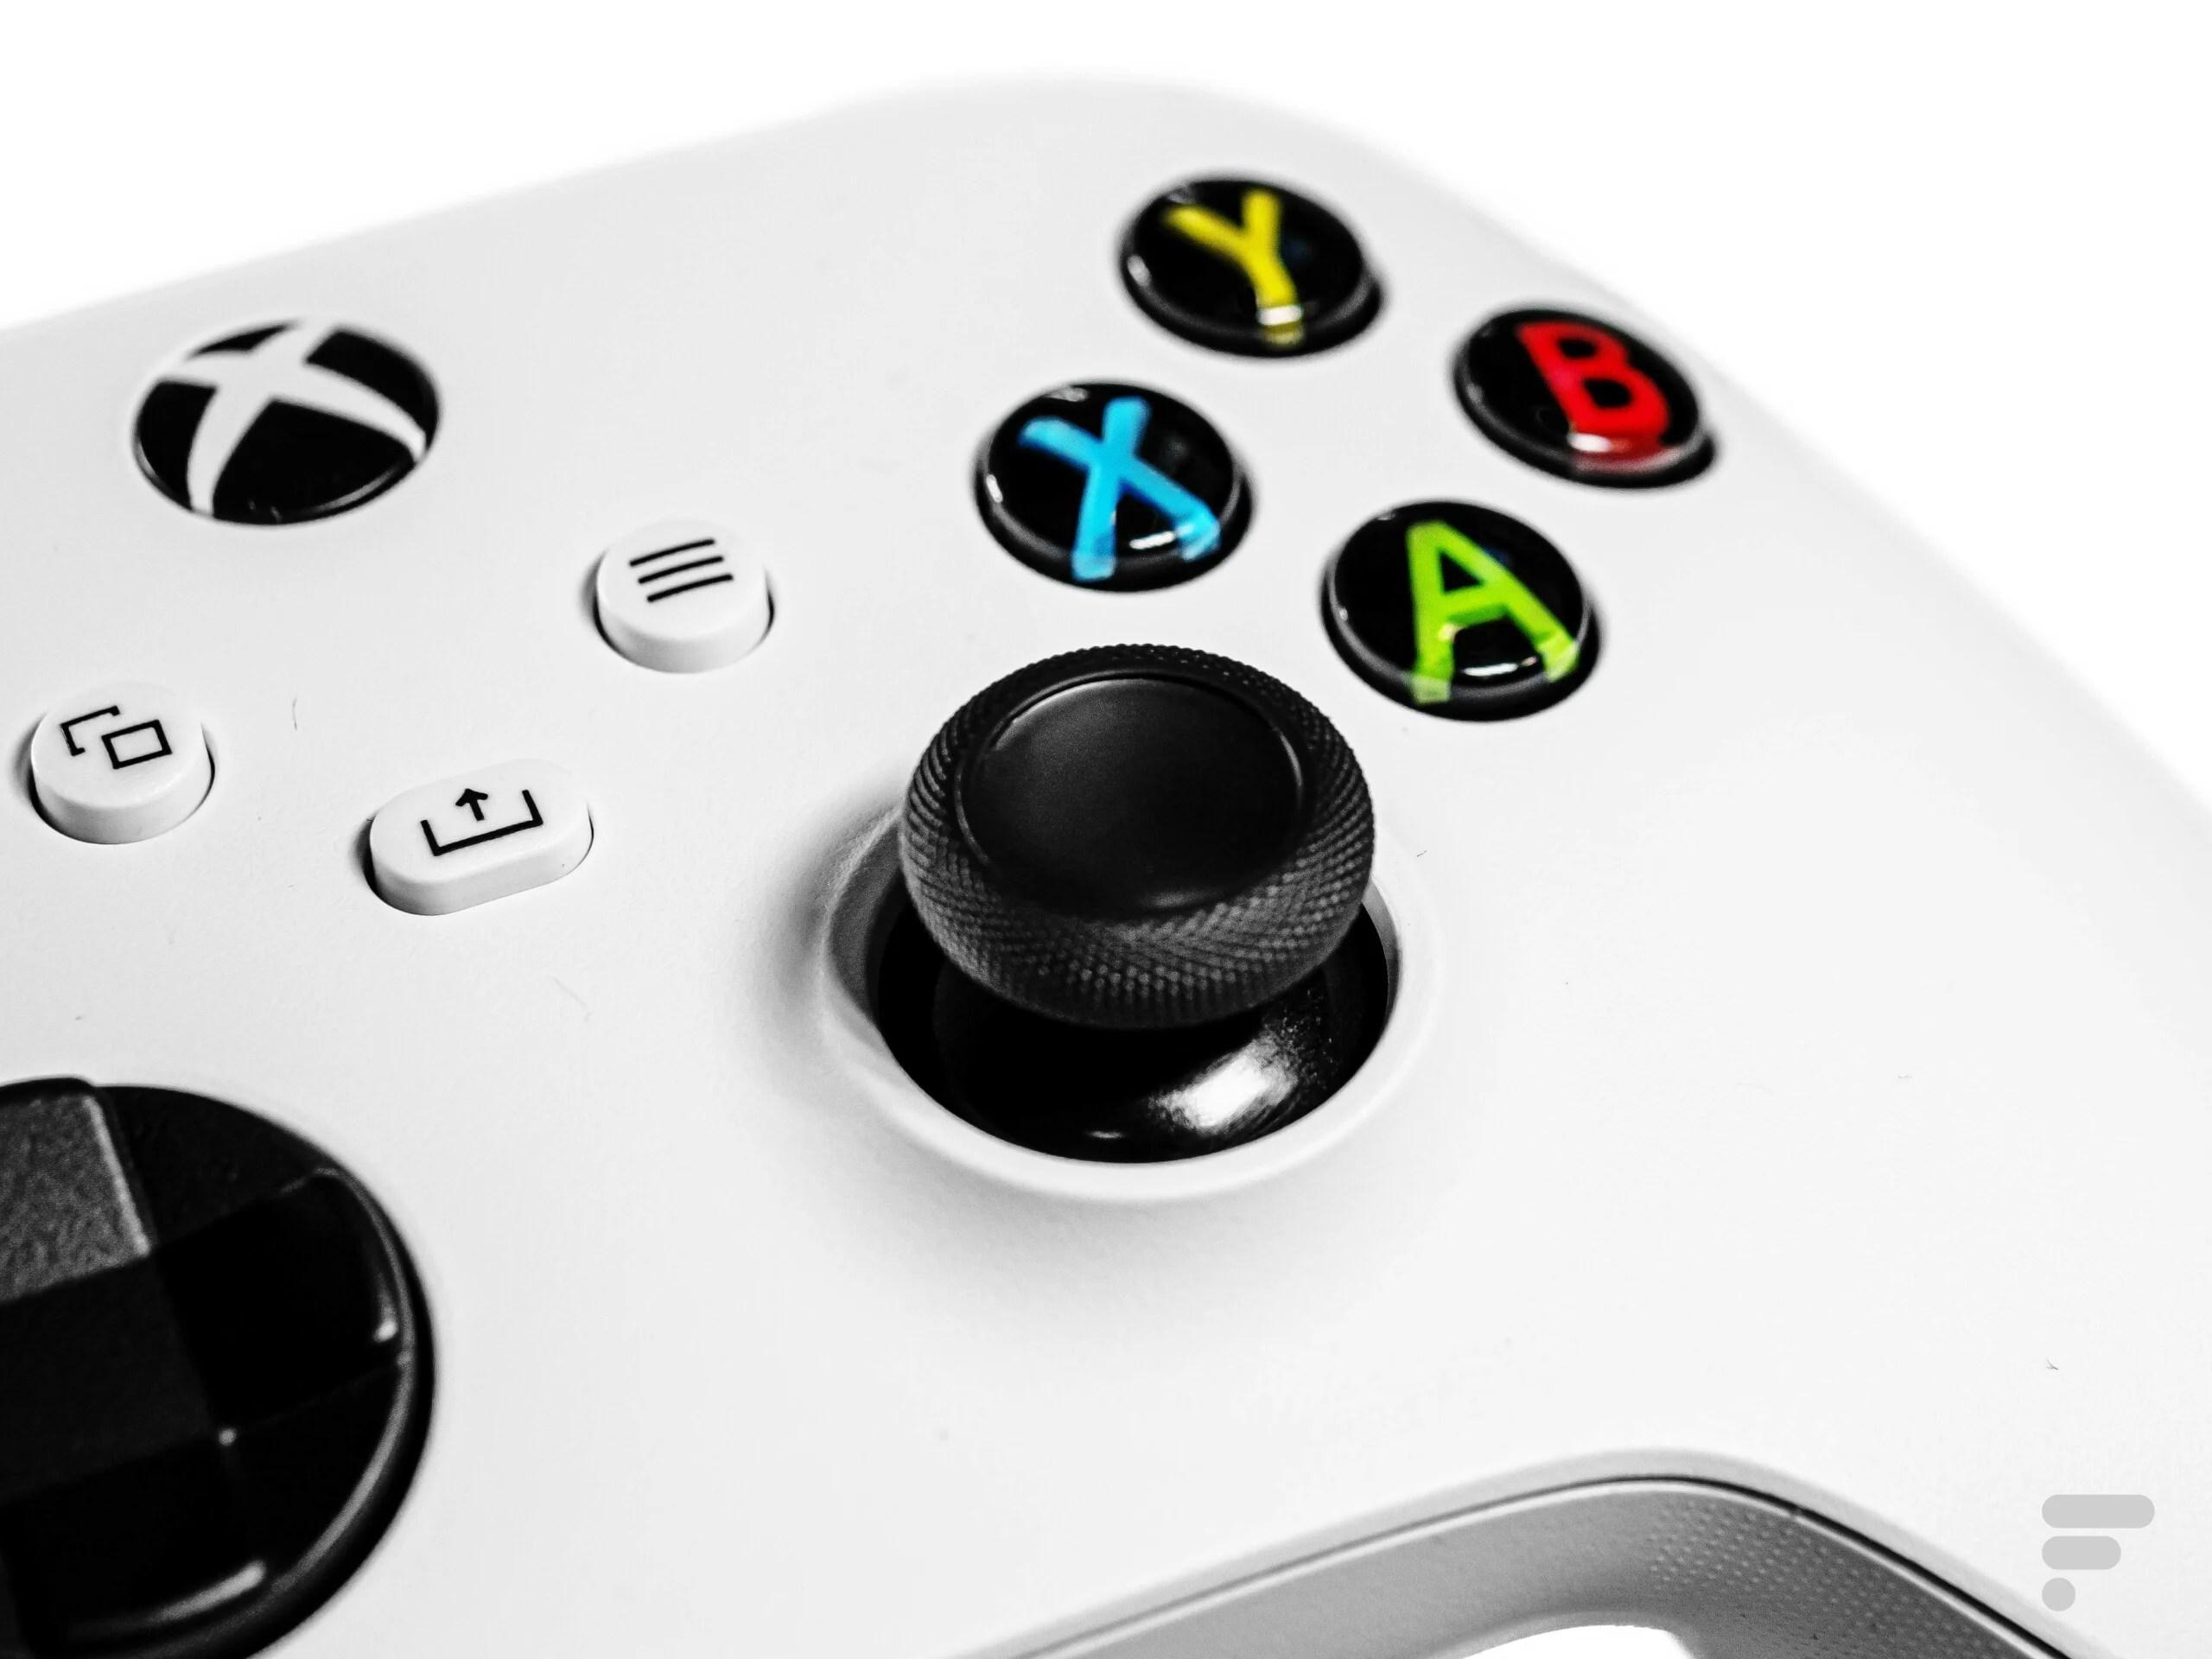 Xbox : vous pourrez bientôt jouer gratuitement en ligne sur les free-to-play